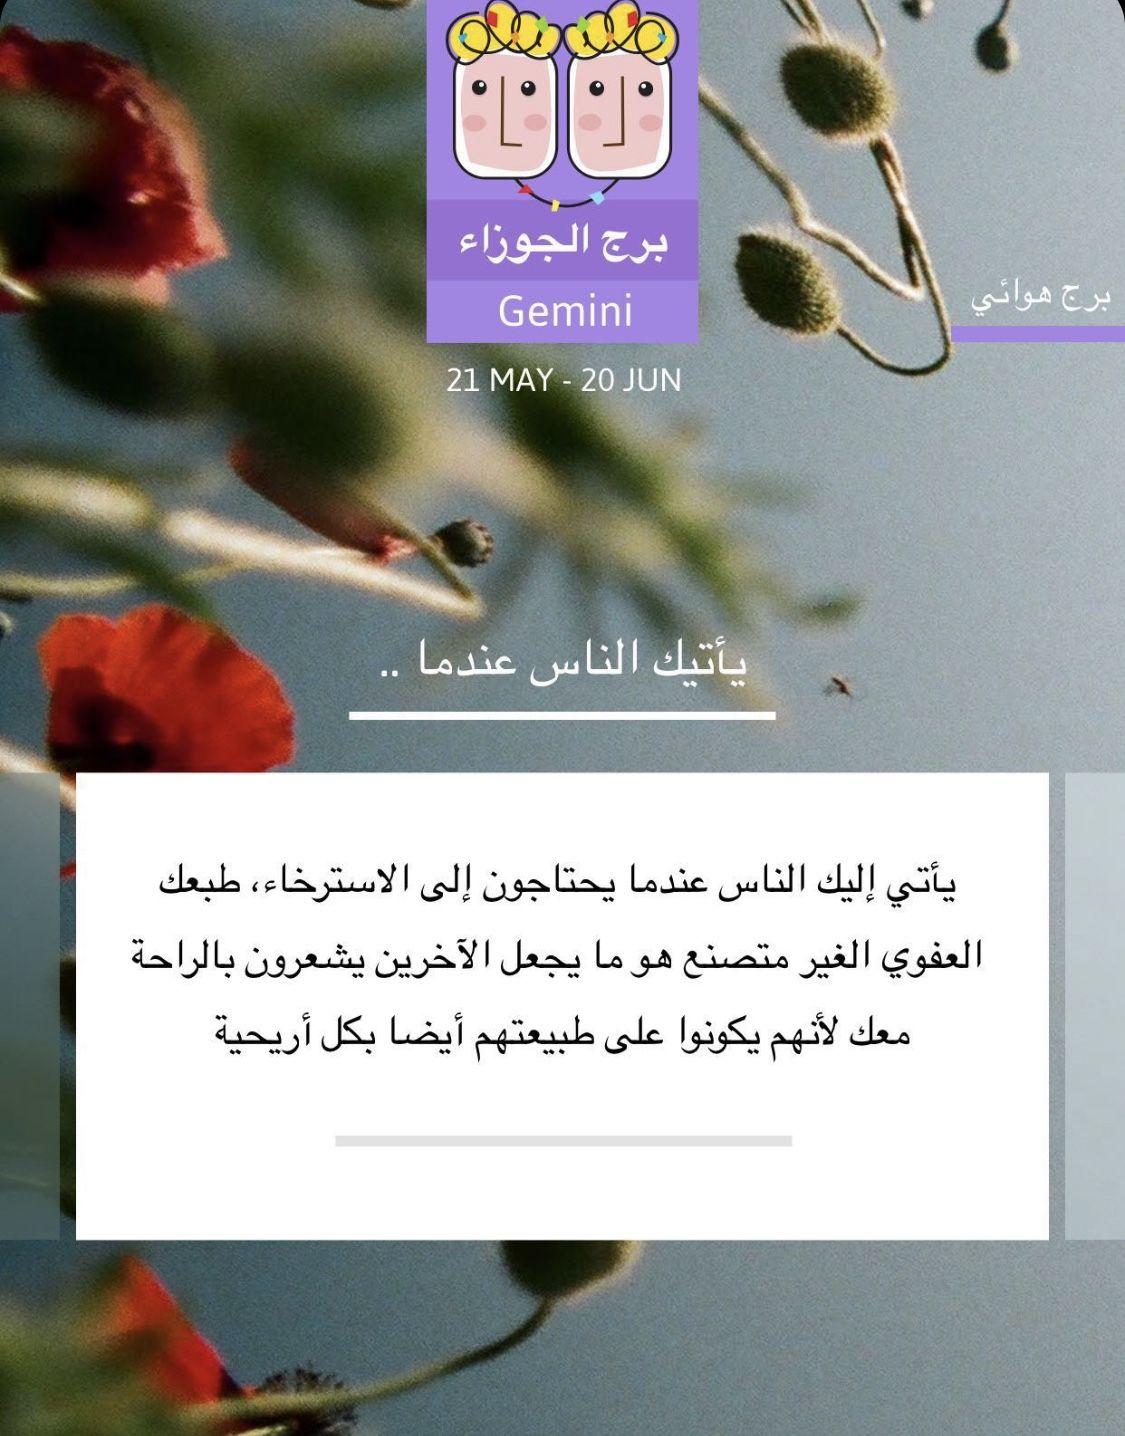 Pin By Zozo Aljunaibi On برج القوس Quotations Gemini Incoming Call Screenshot